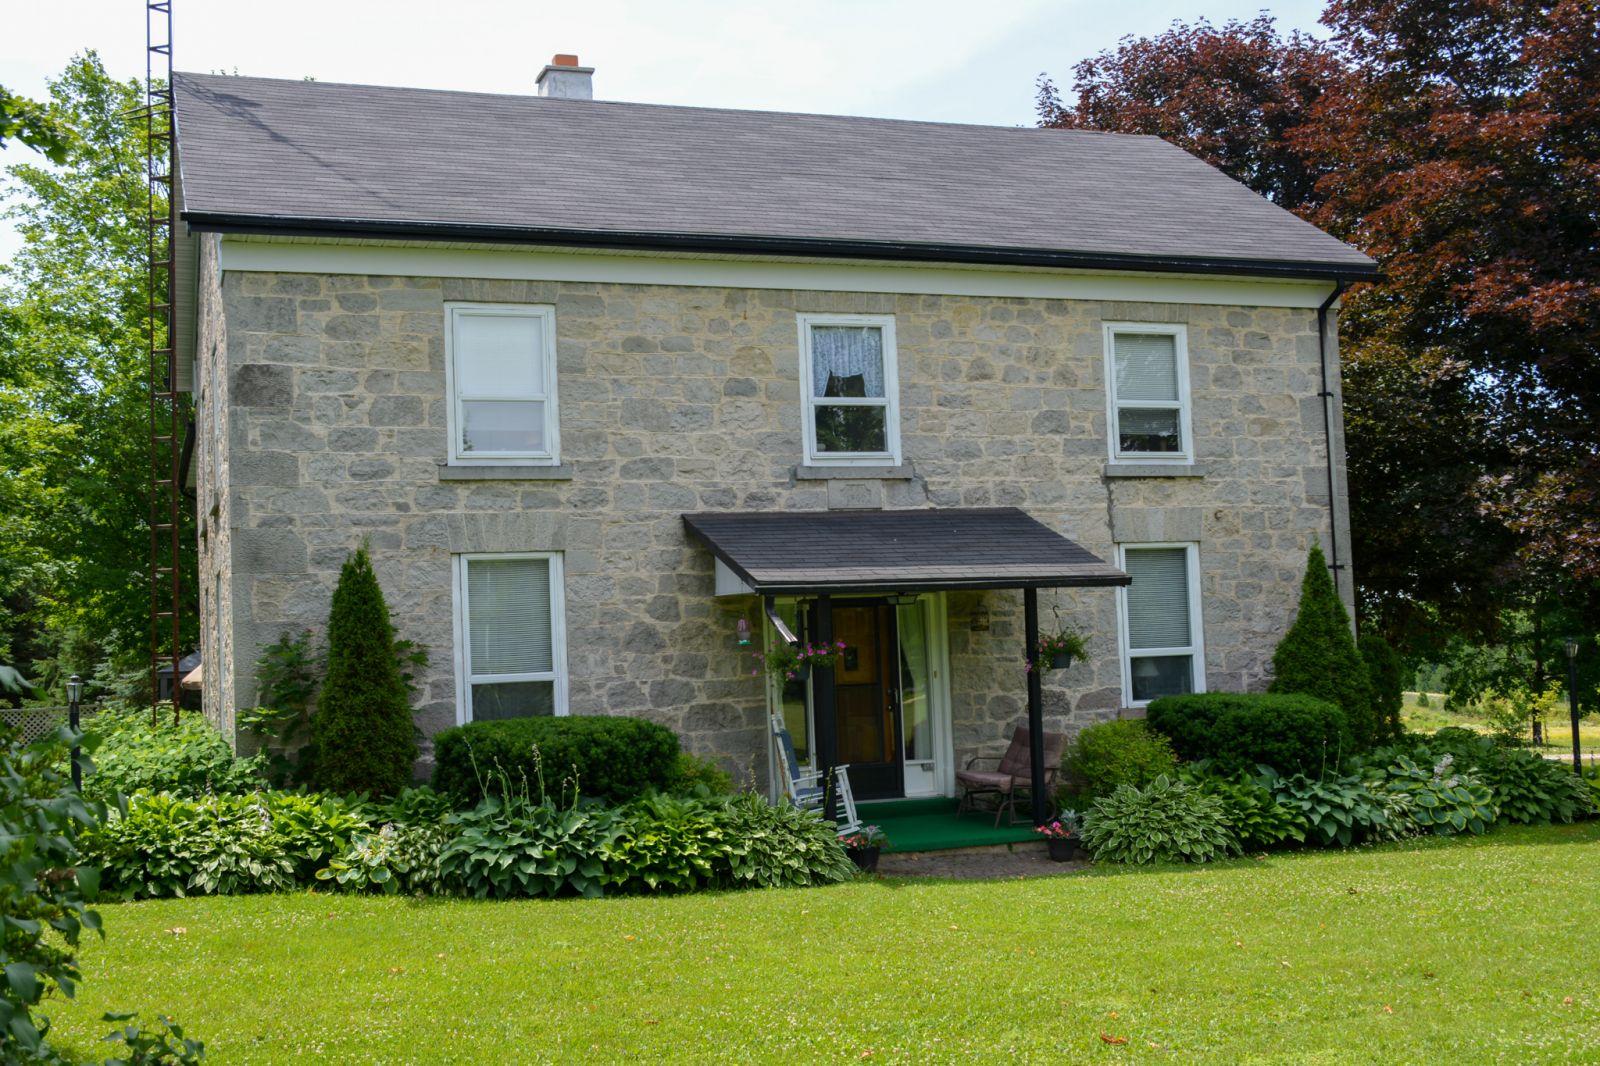 1869 Stone Farmhouse